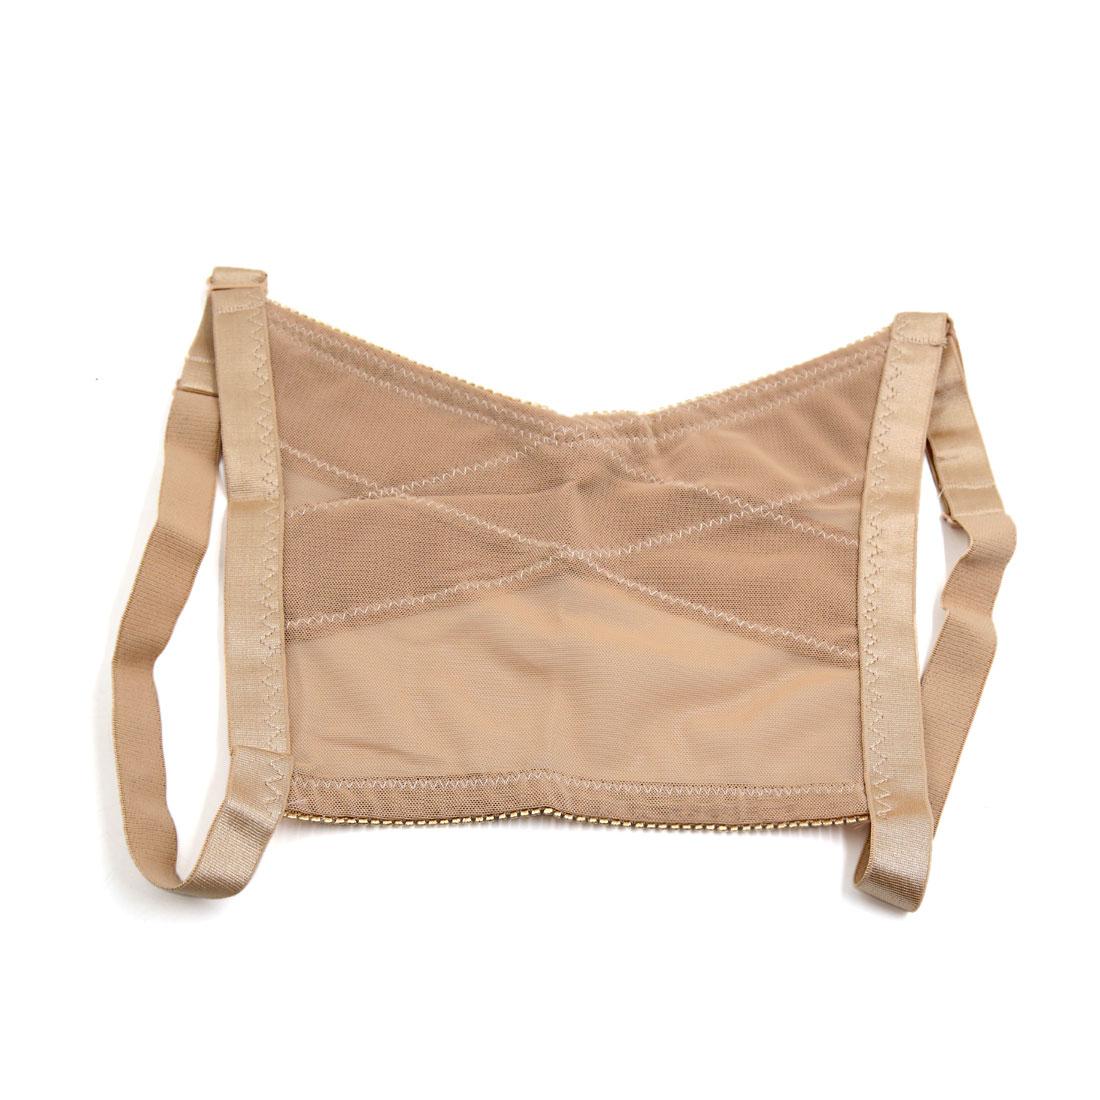 Skin Color L Size Adjustable Woman Humpback Posture Corrector Back Brace Belt